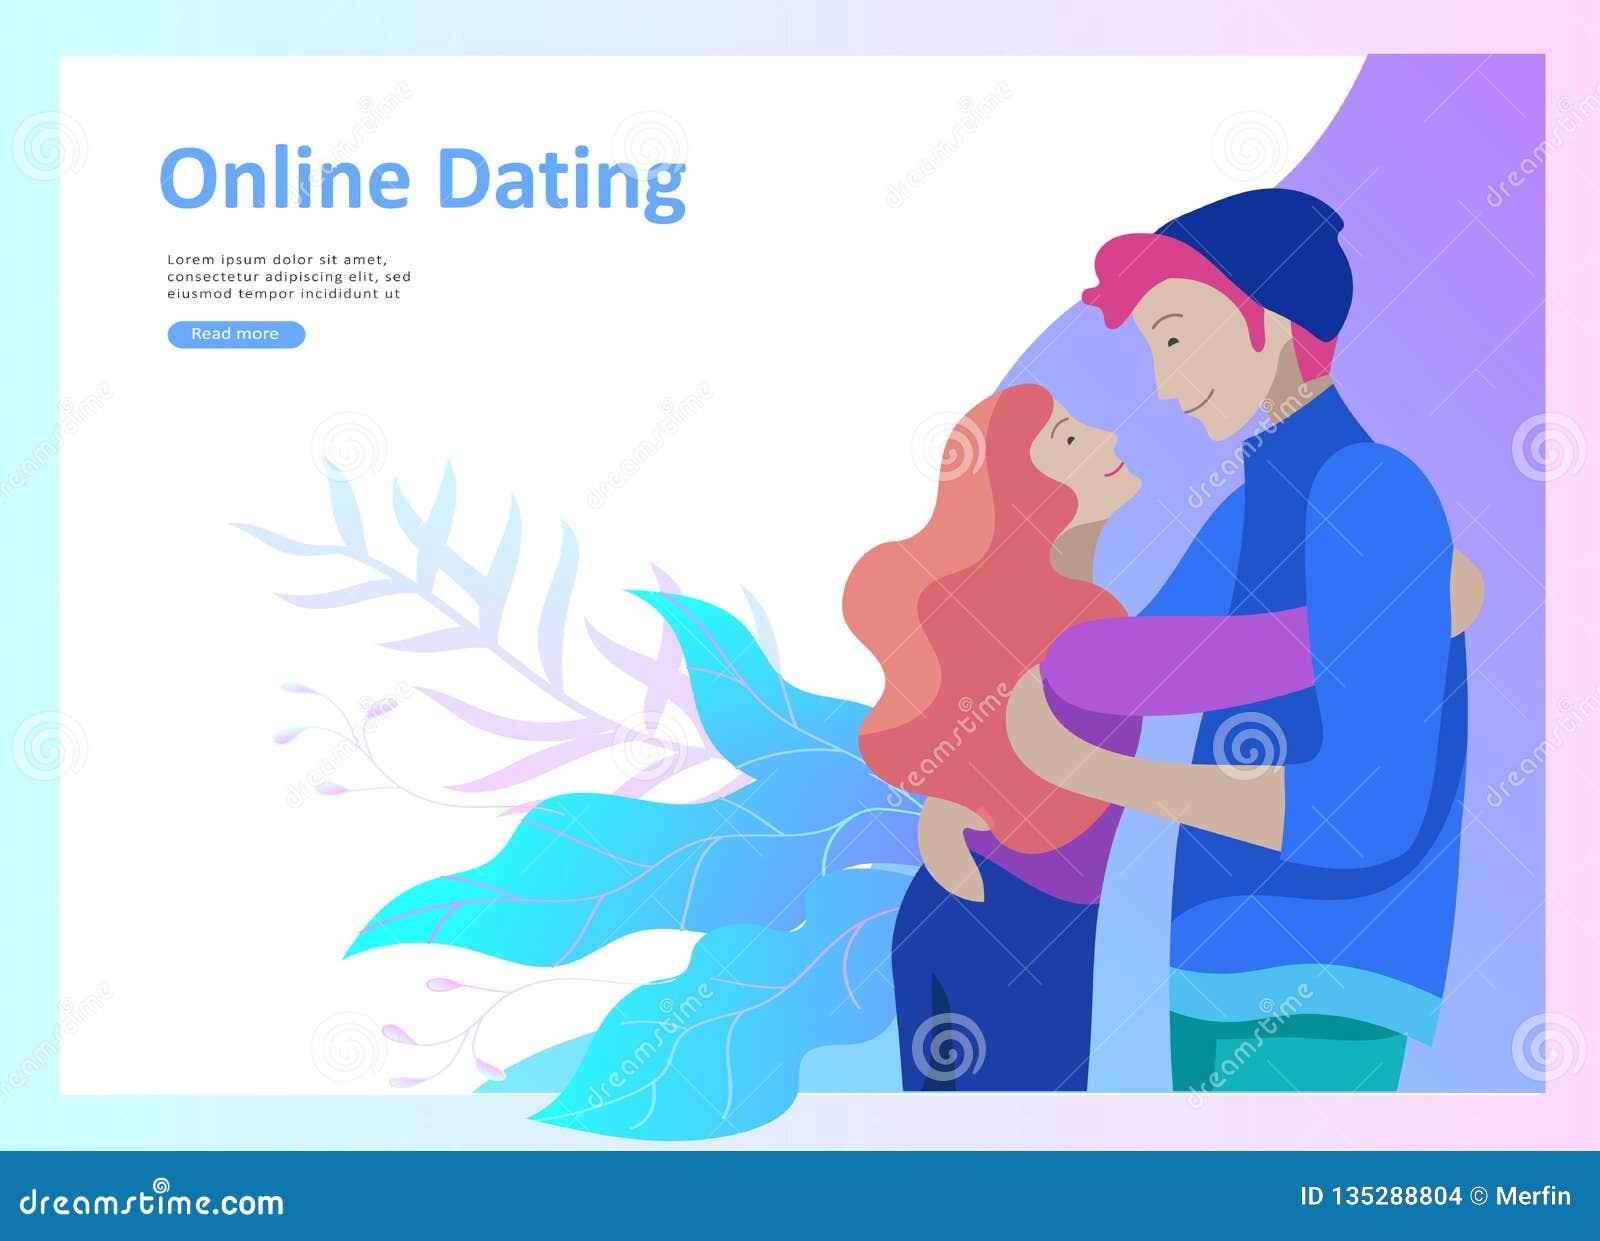 Logg inn online dating enslig forelder dating blogger